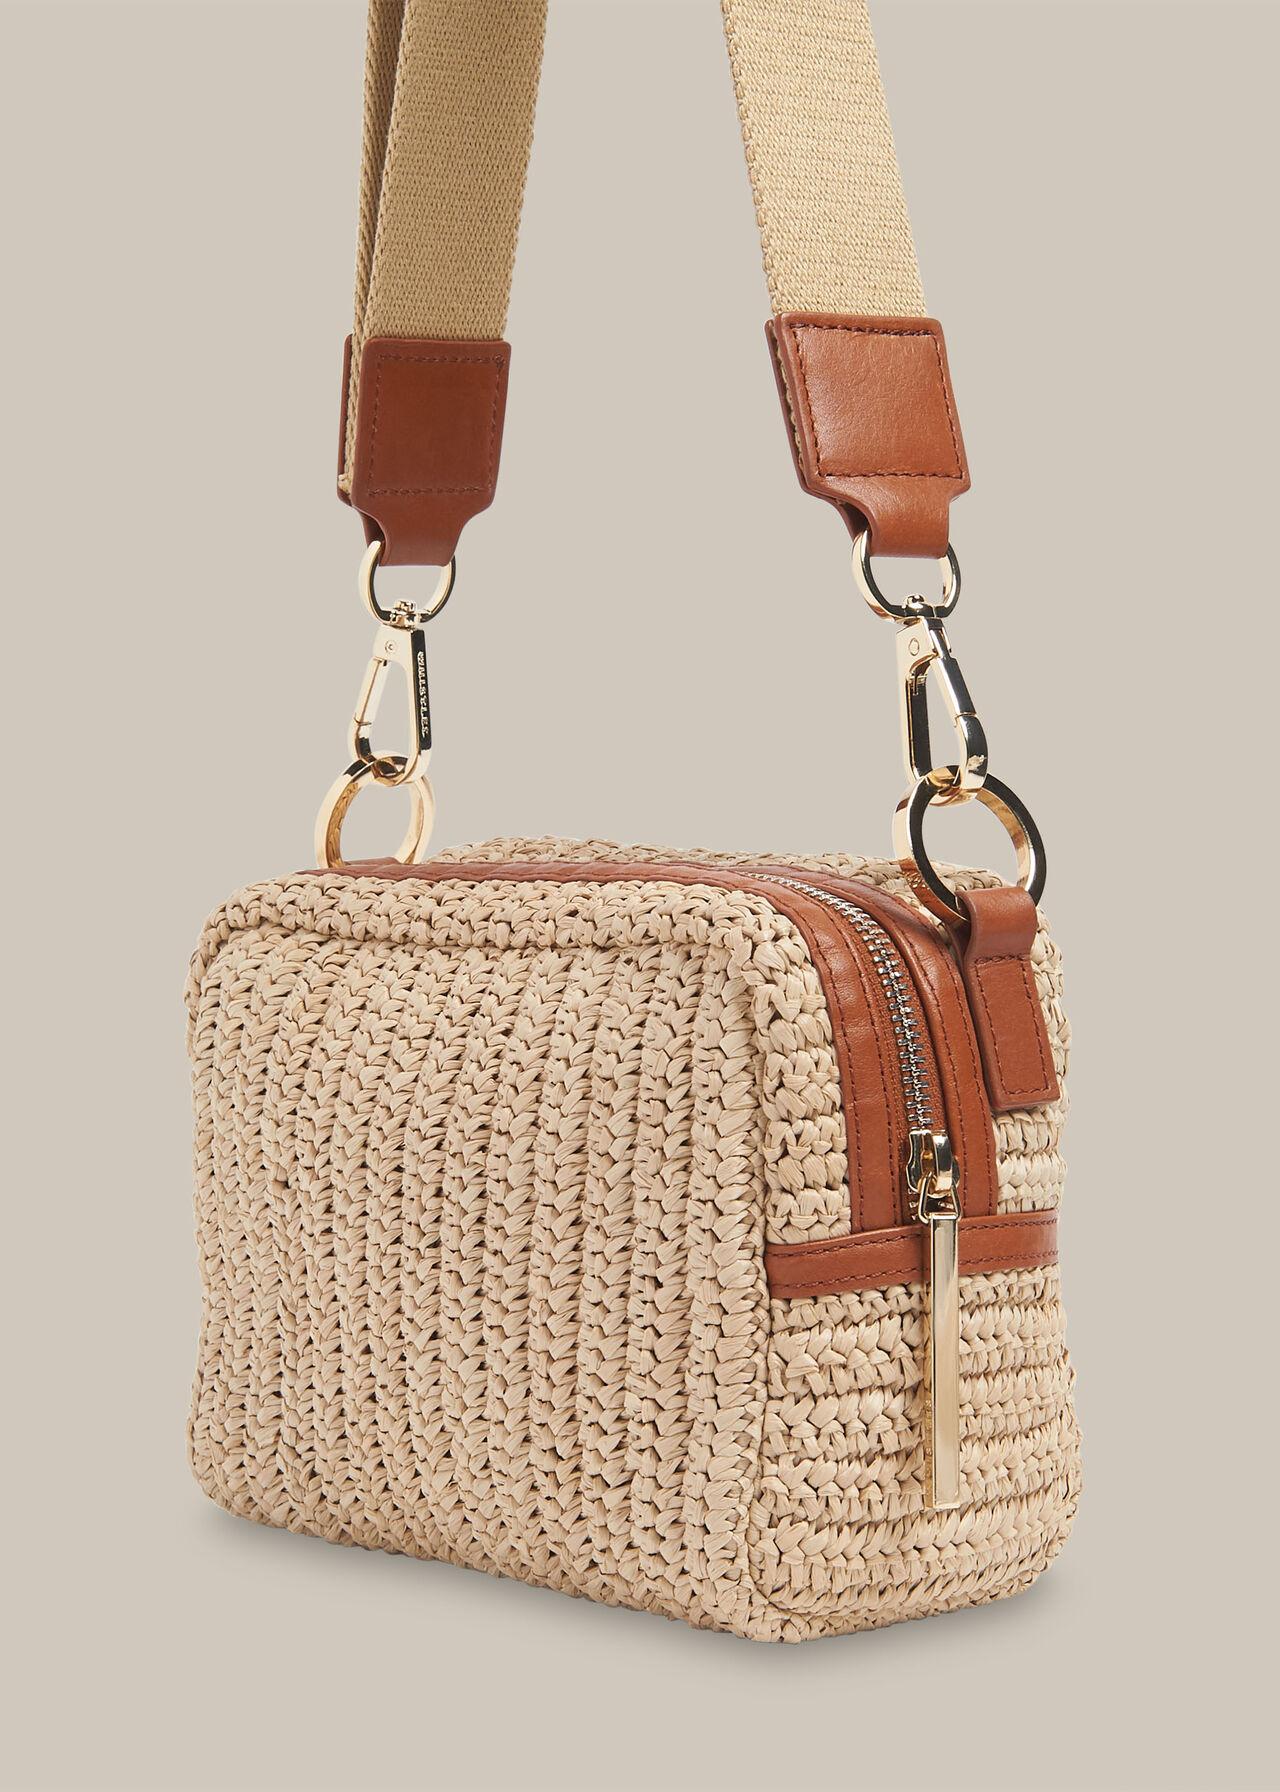 Straw Bibi Crossbody Bag